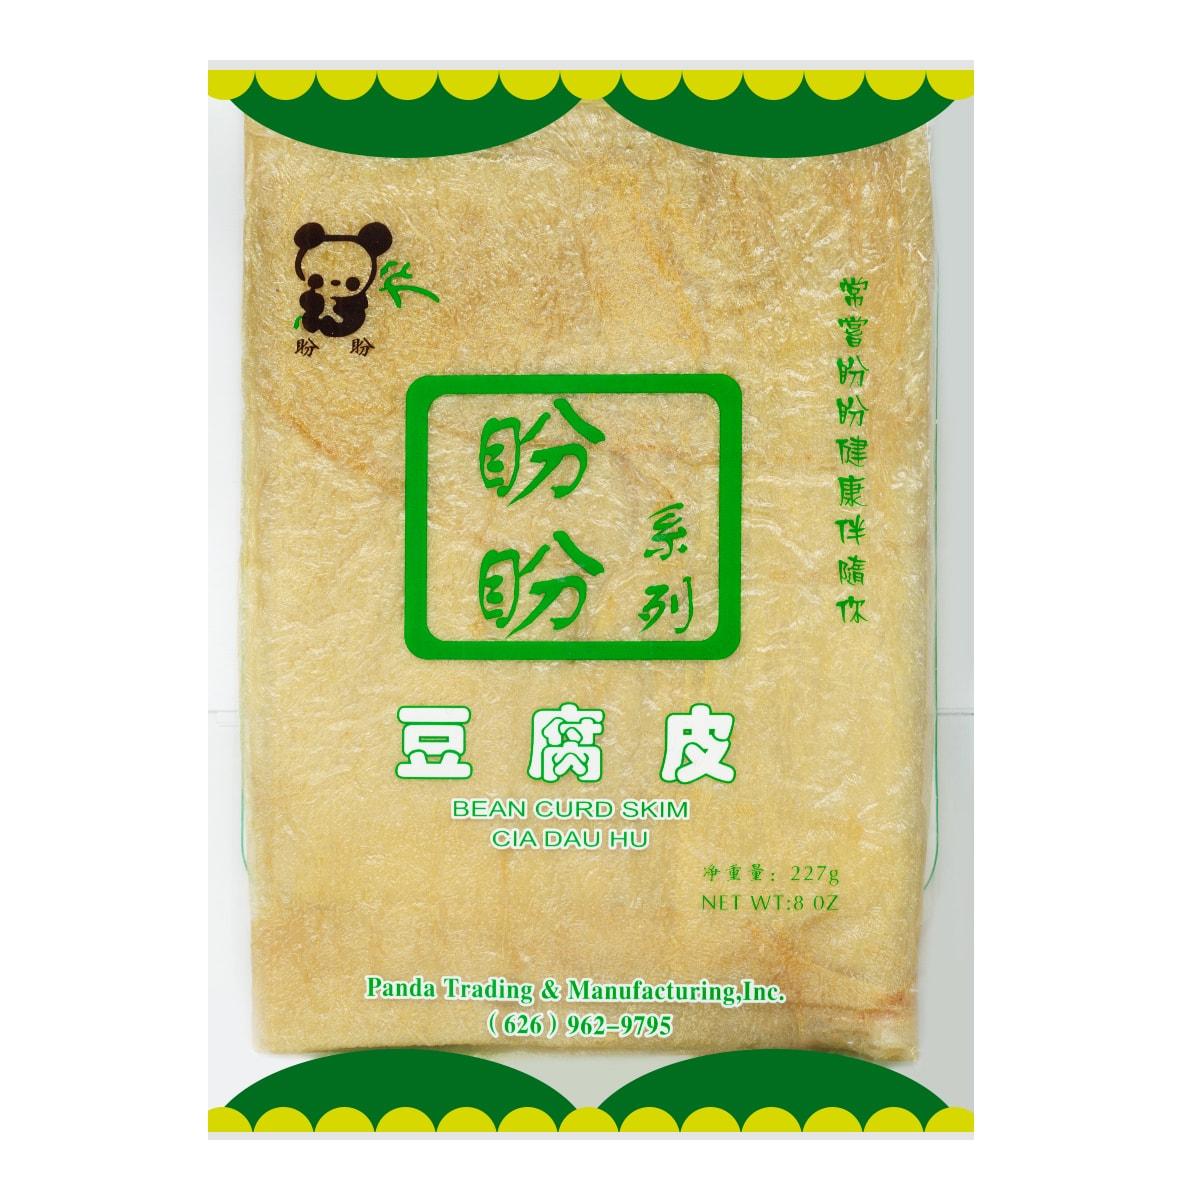 盼盼牌 优质豆腐皮 227g